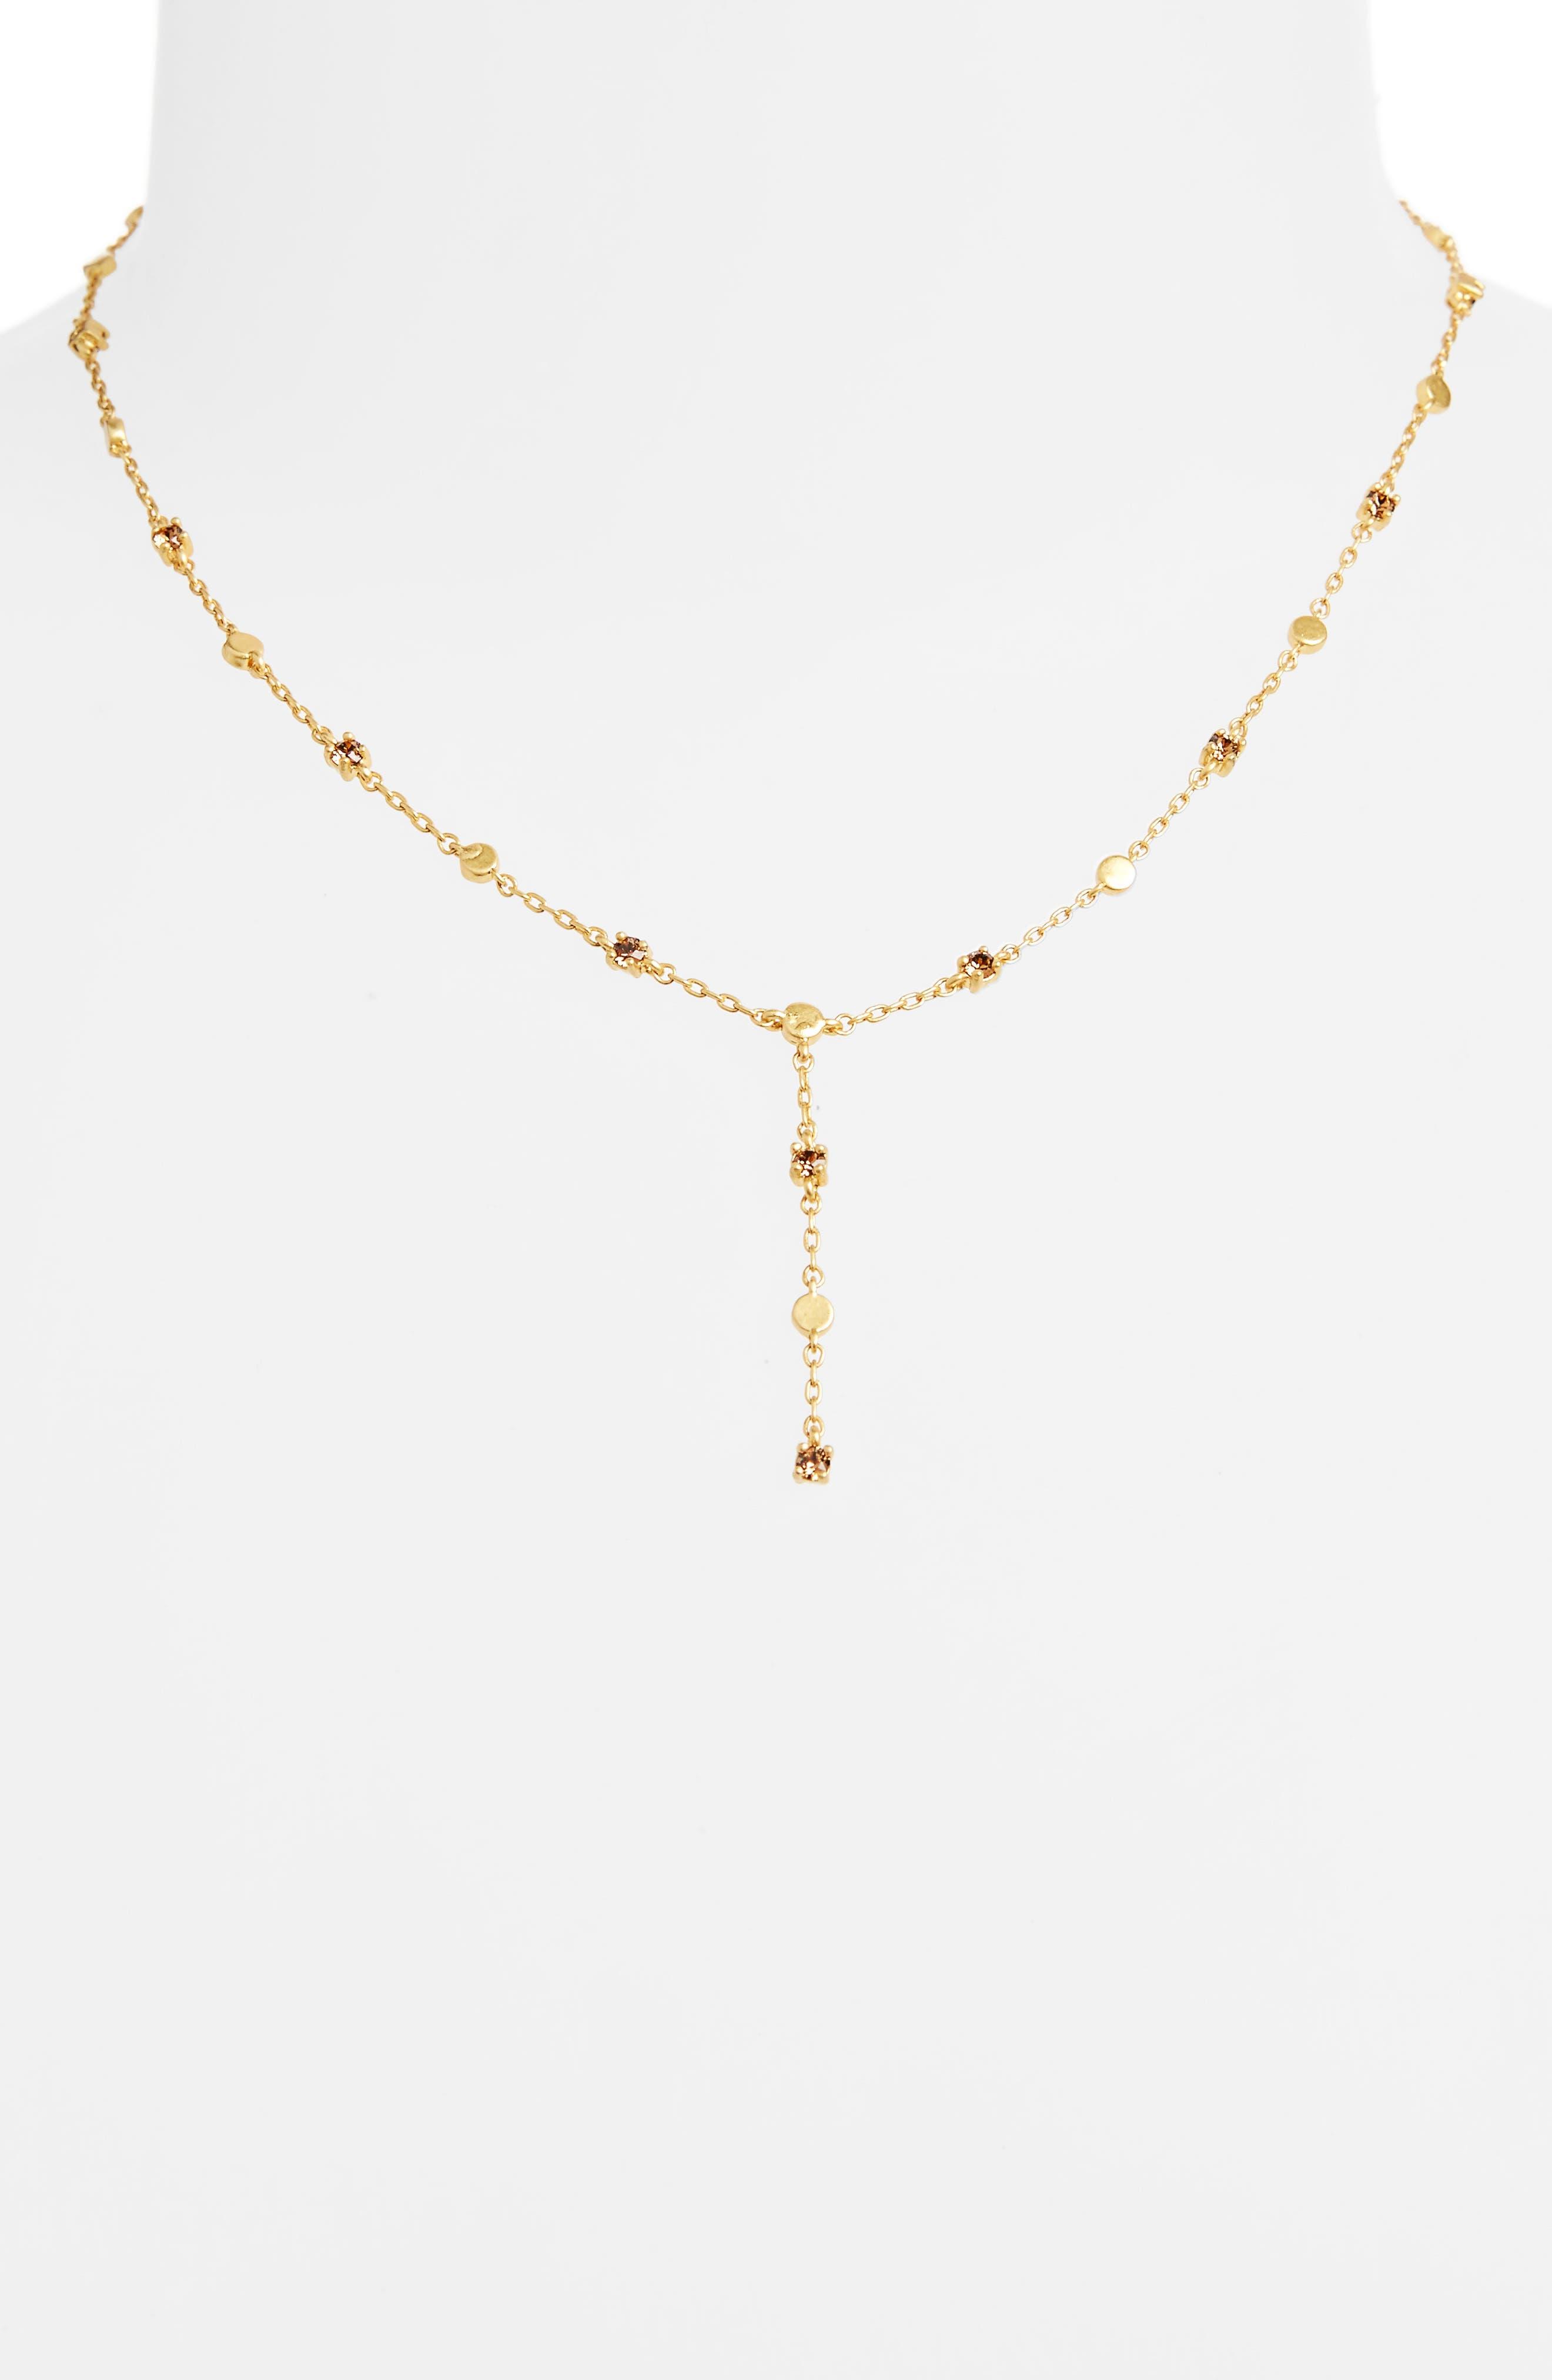 Gem Line Lariat Necklace,                             Alternate thumbnail 2, color,                             710